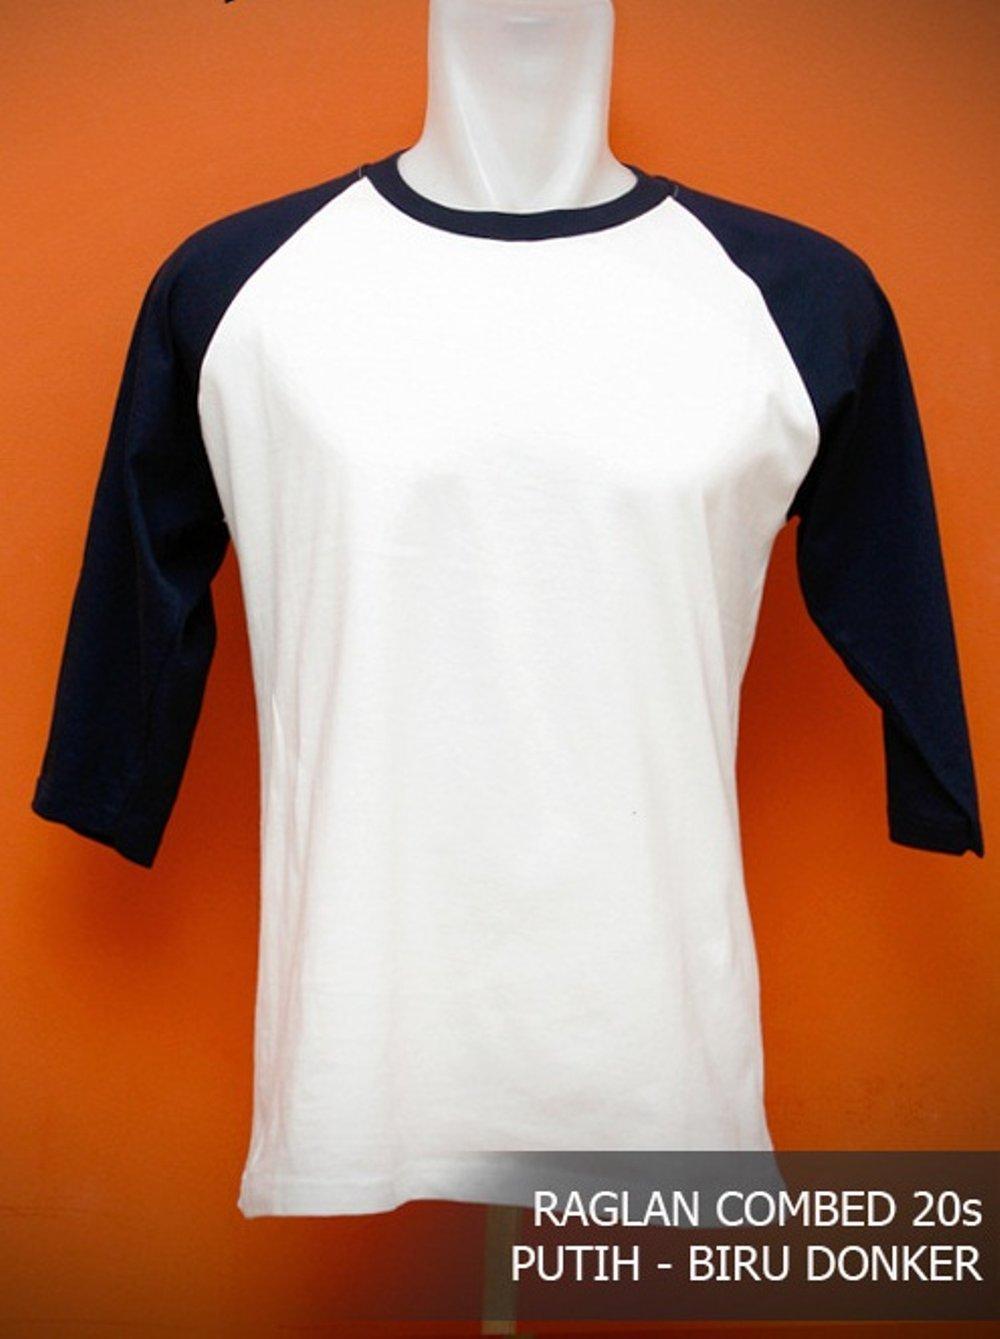 Daftar Harga Kaos Reglan Size M Di Lazada L Polos Cotton Combed Lengan Panjang 20s Jual